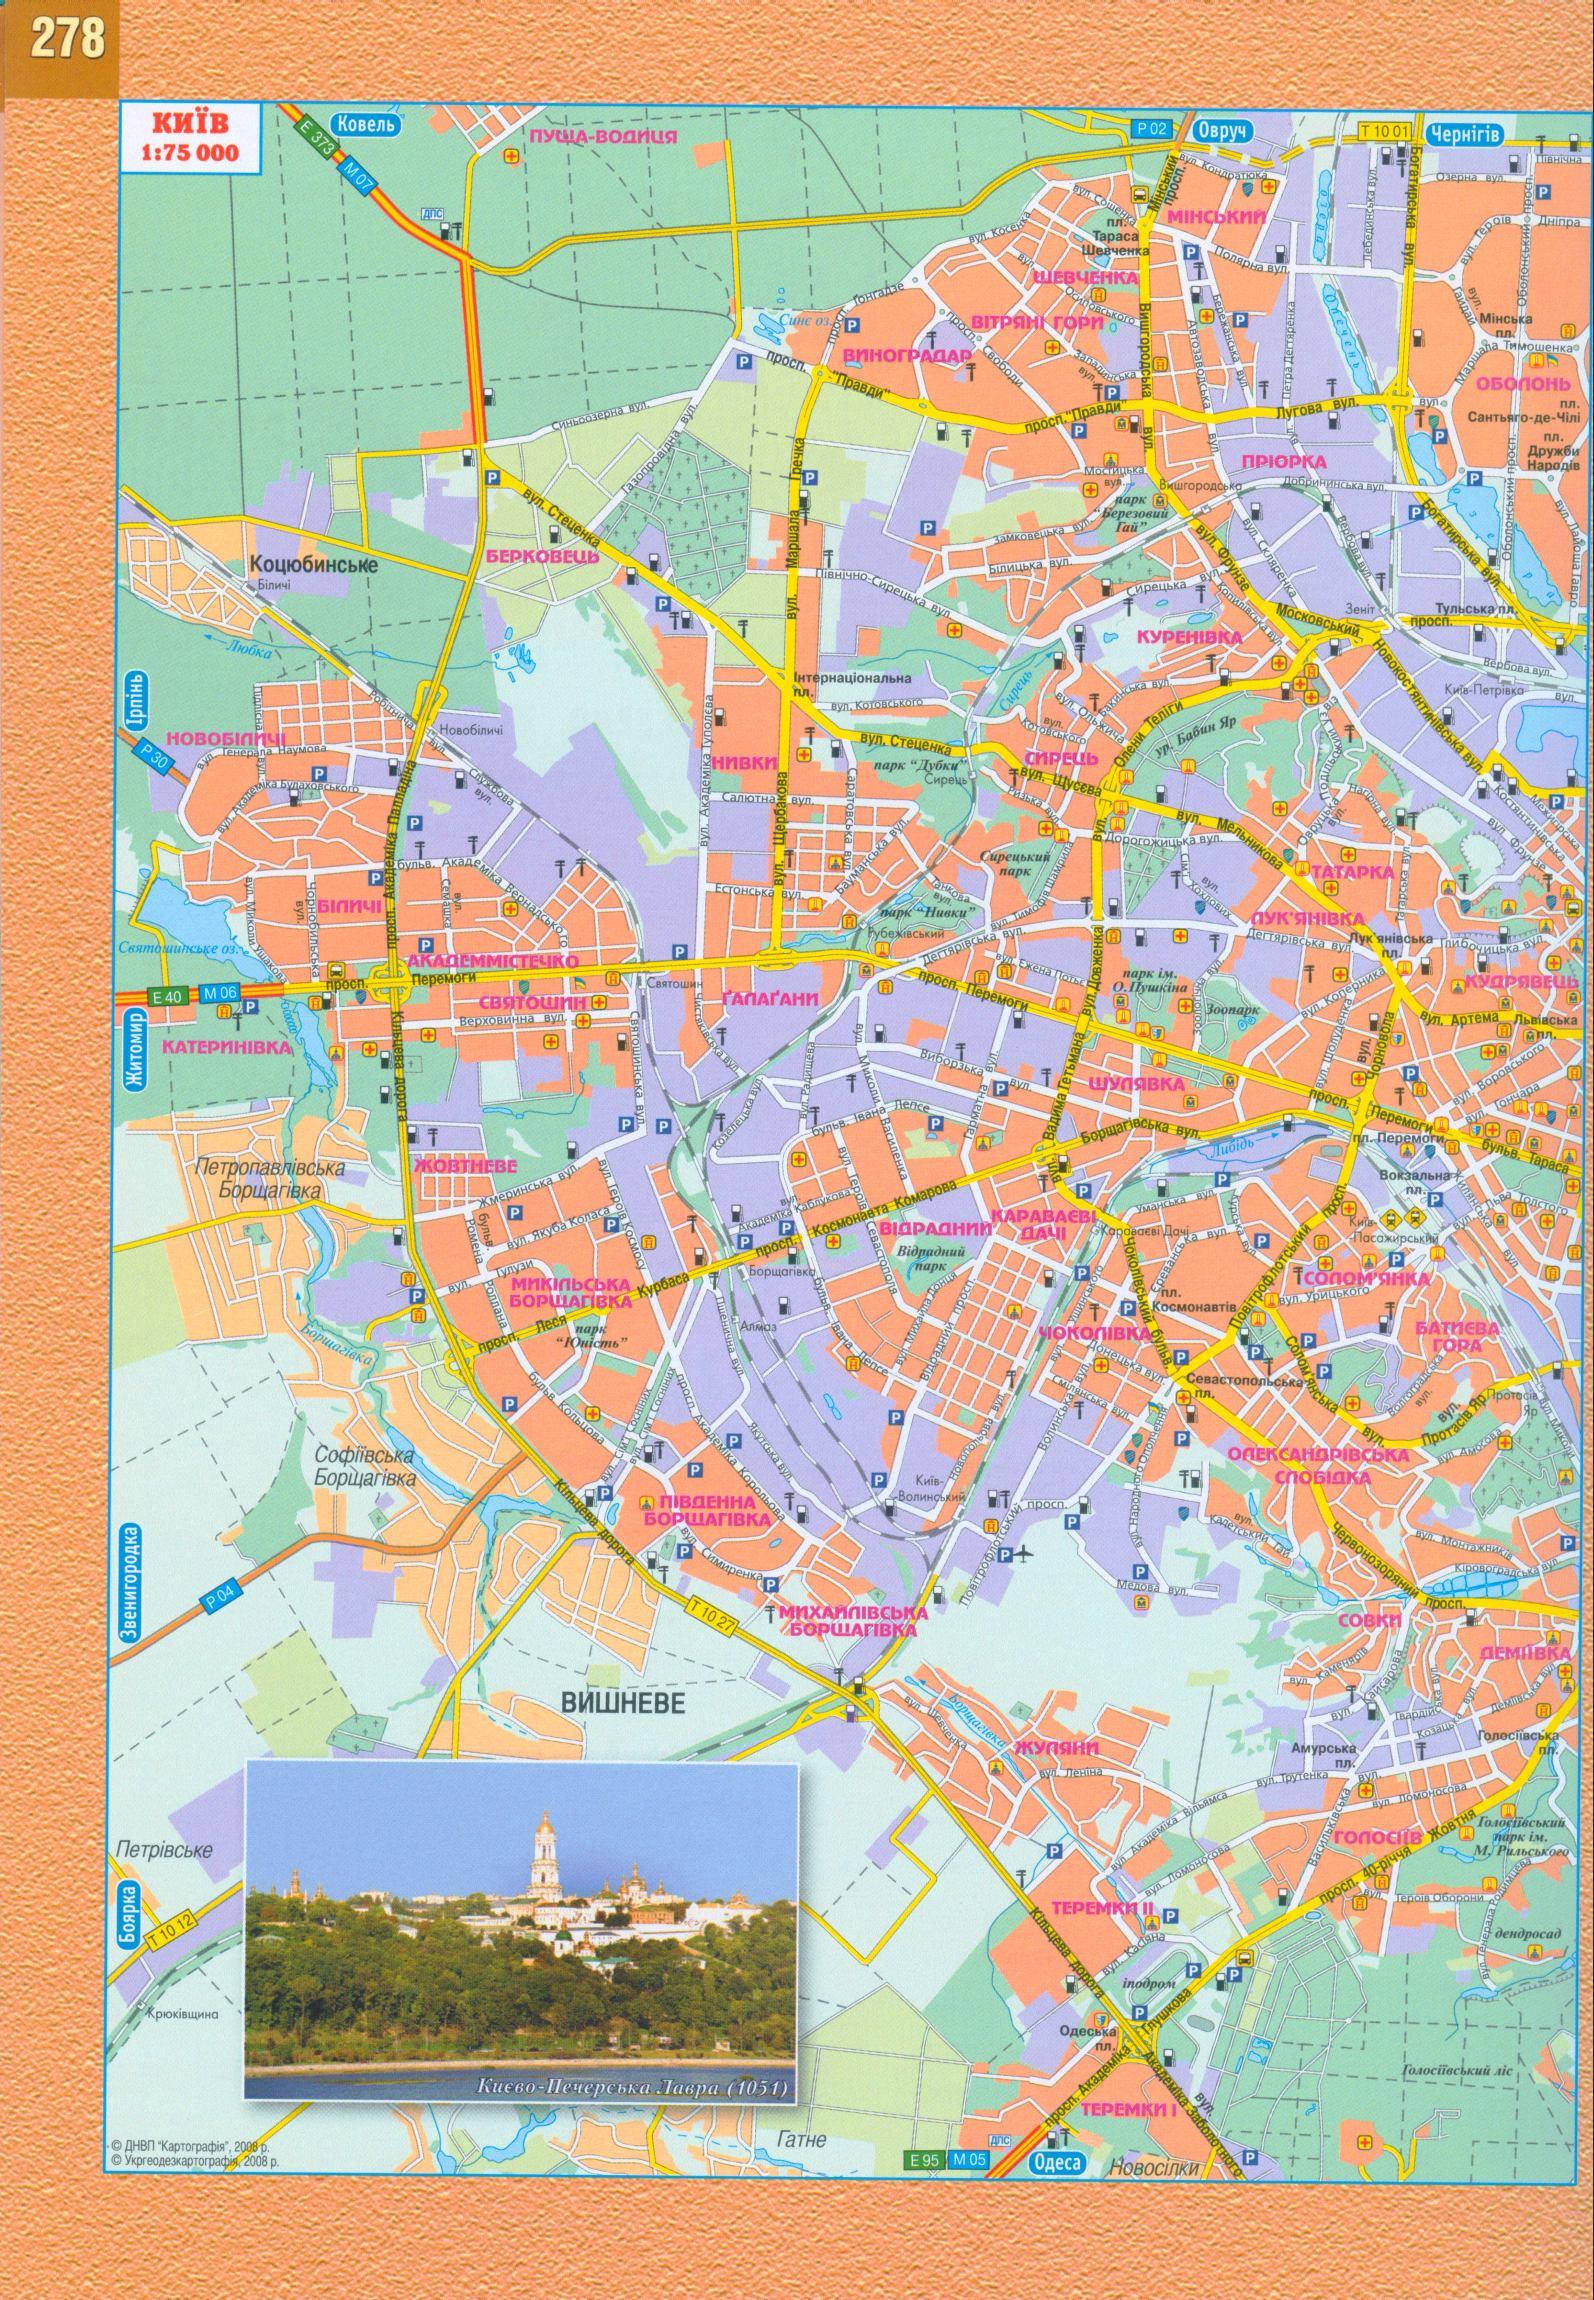 Карта Киева.  План города Киев с названиями улиц и схемами транзитного проезда транспорта.